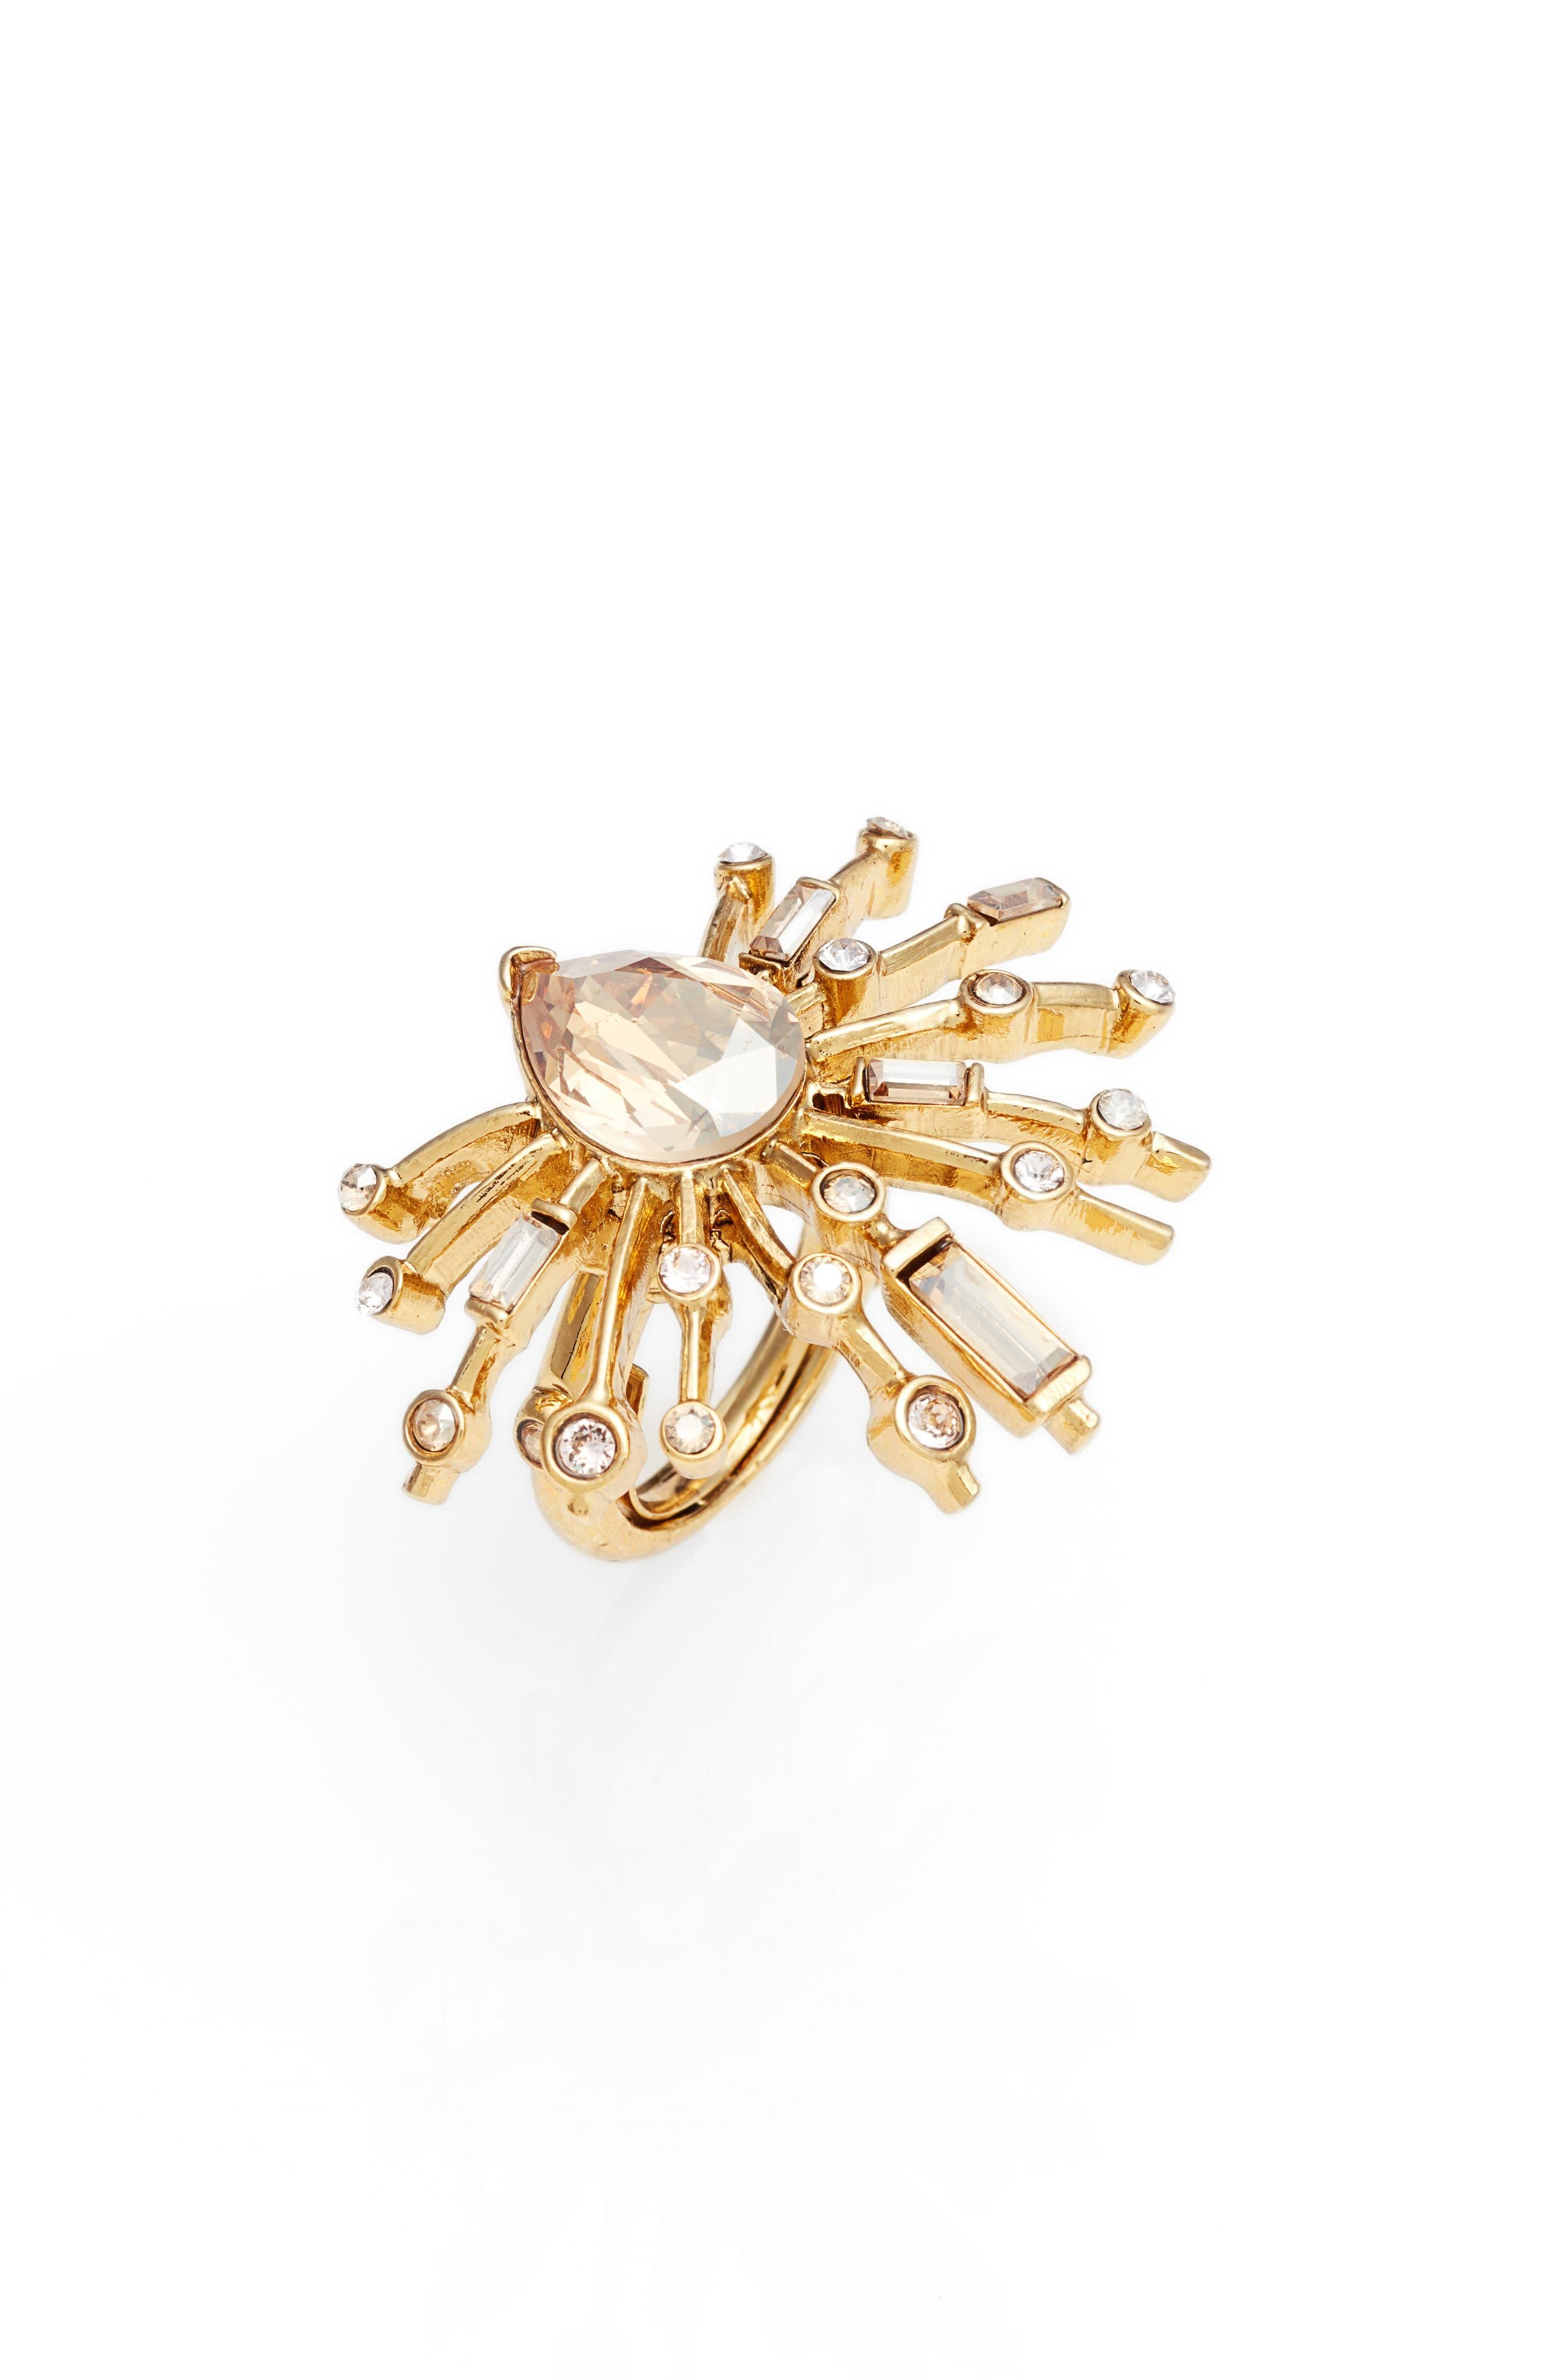 Radial Crystal Ring,                             Main thumbnail 1, color,                             Crystal Gold Shadow